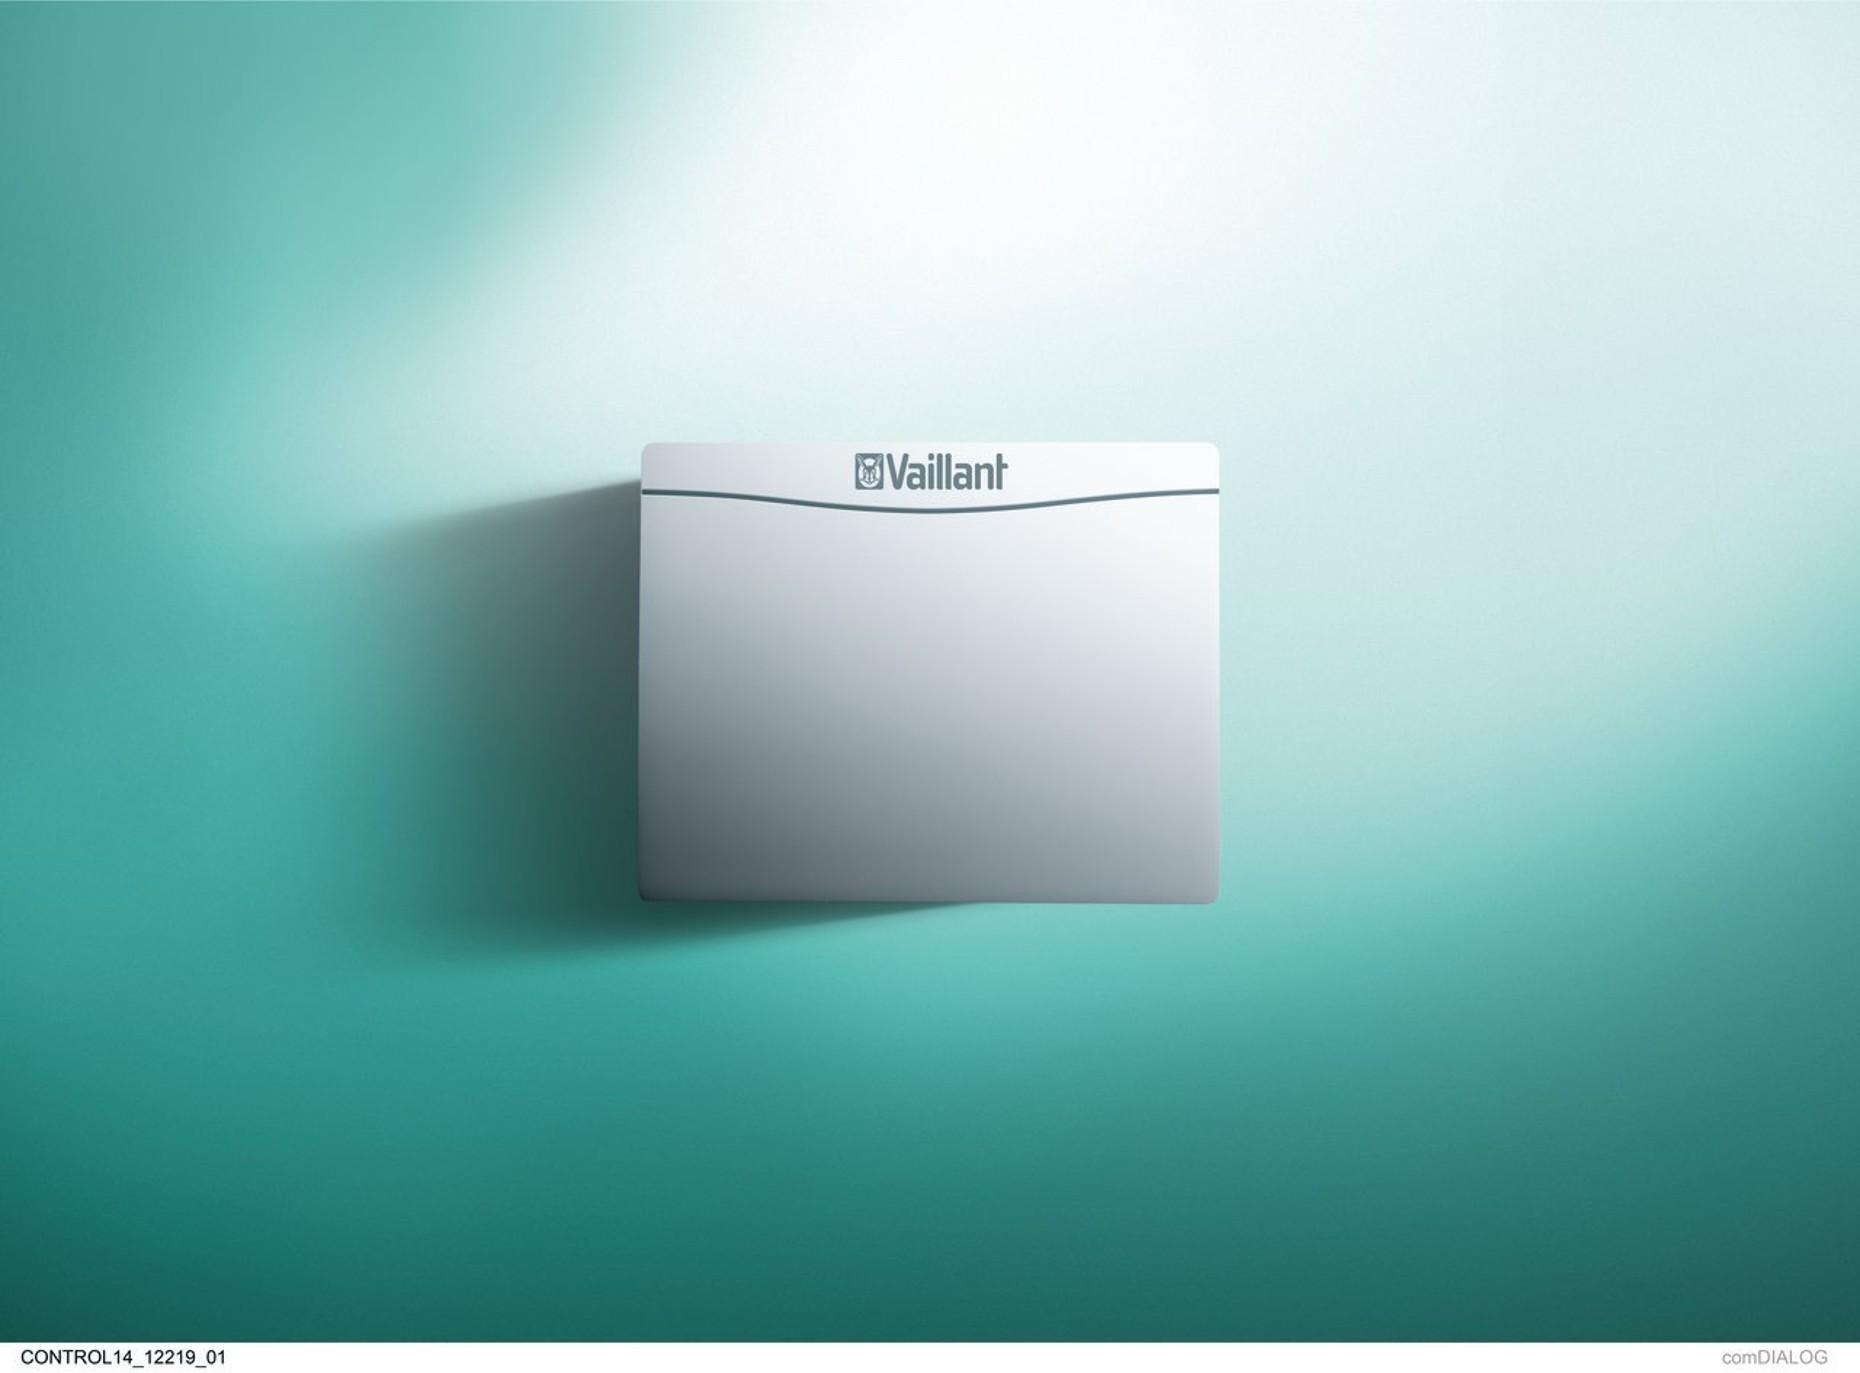 Интернет-модуль Вайлант VR 920 (блок управления Vaillant)